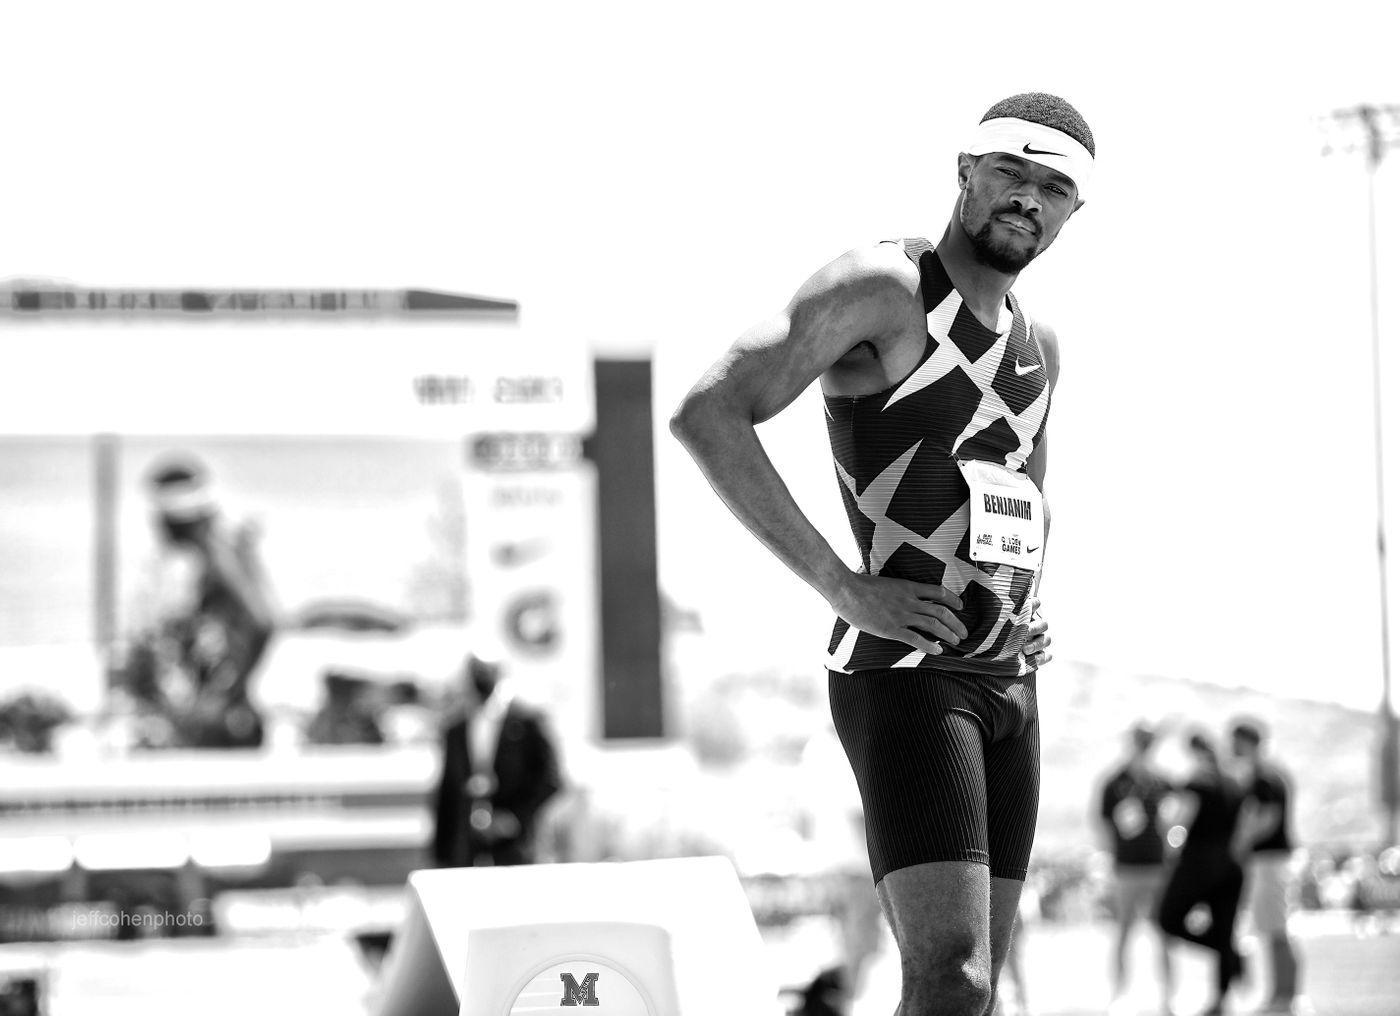 Rai Benjamin 400 meter hurdles